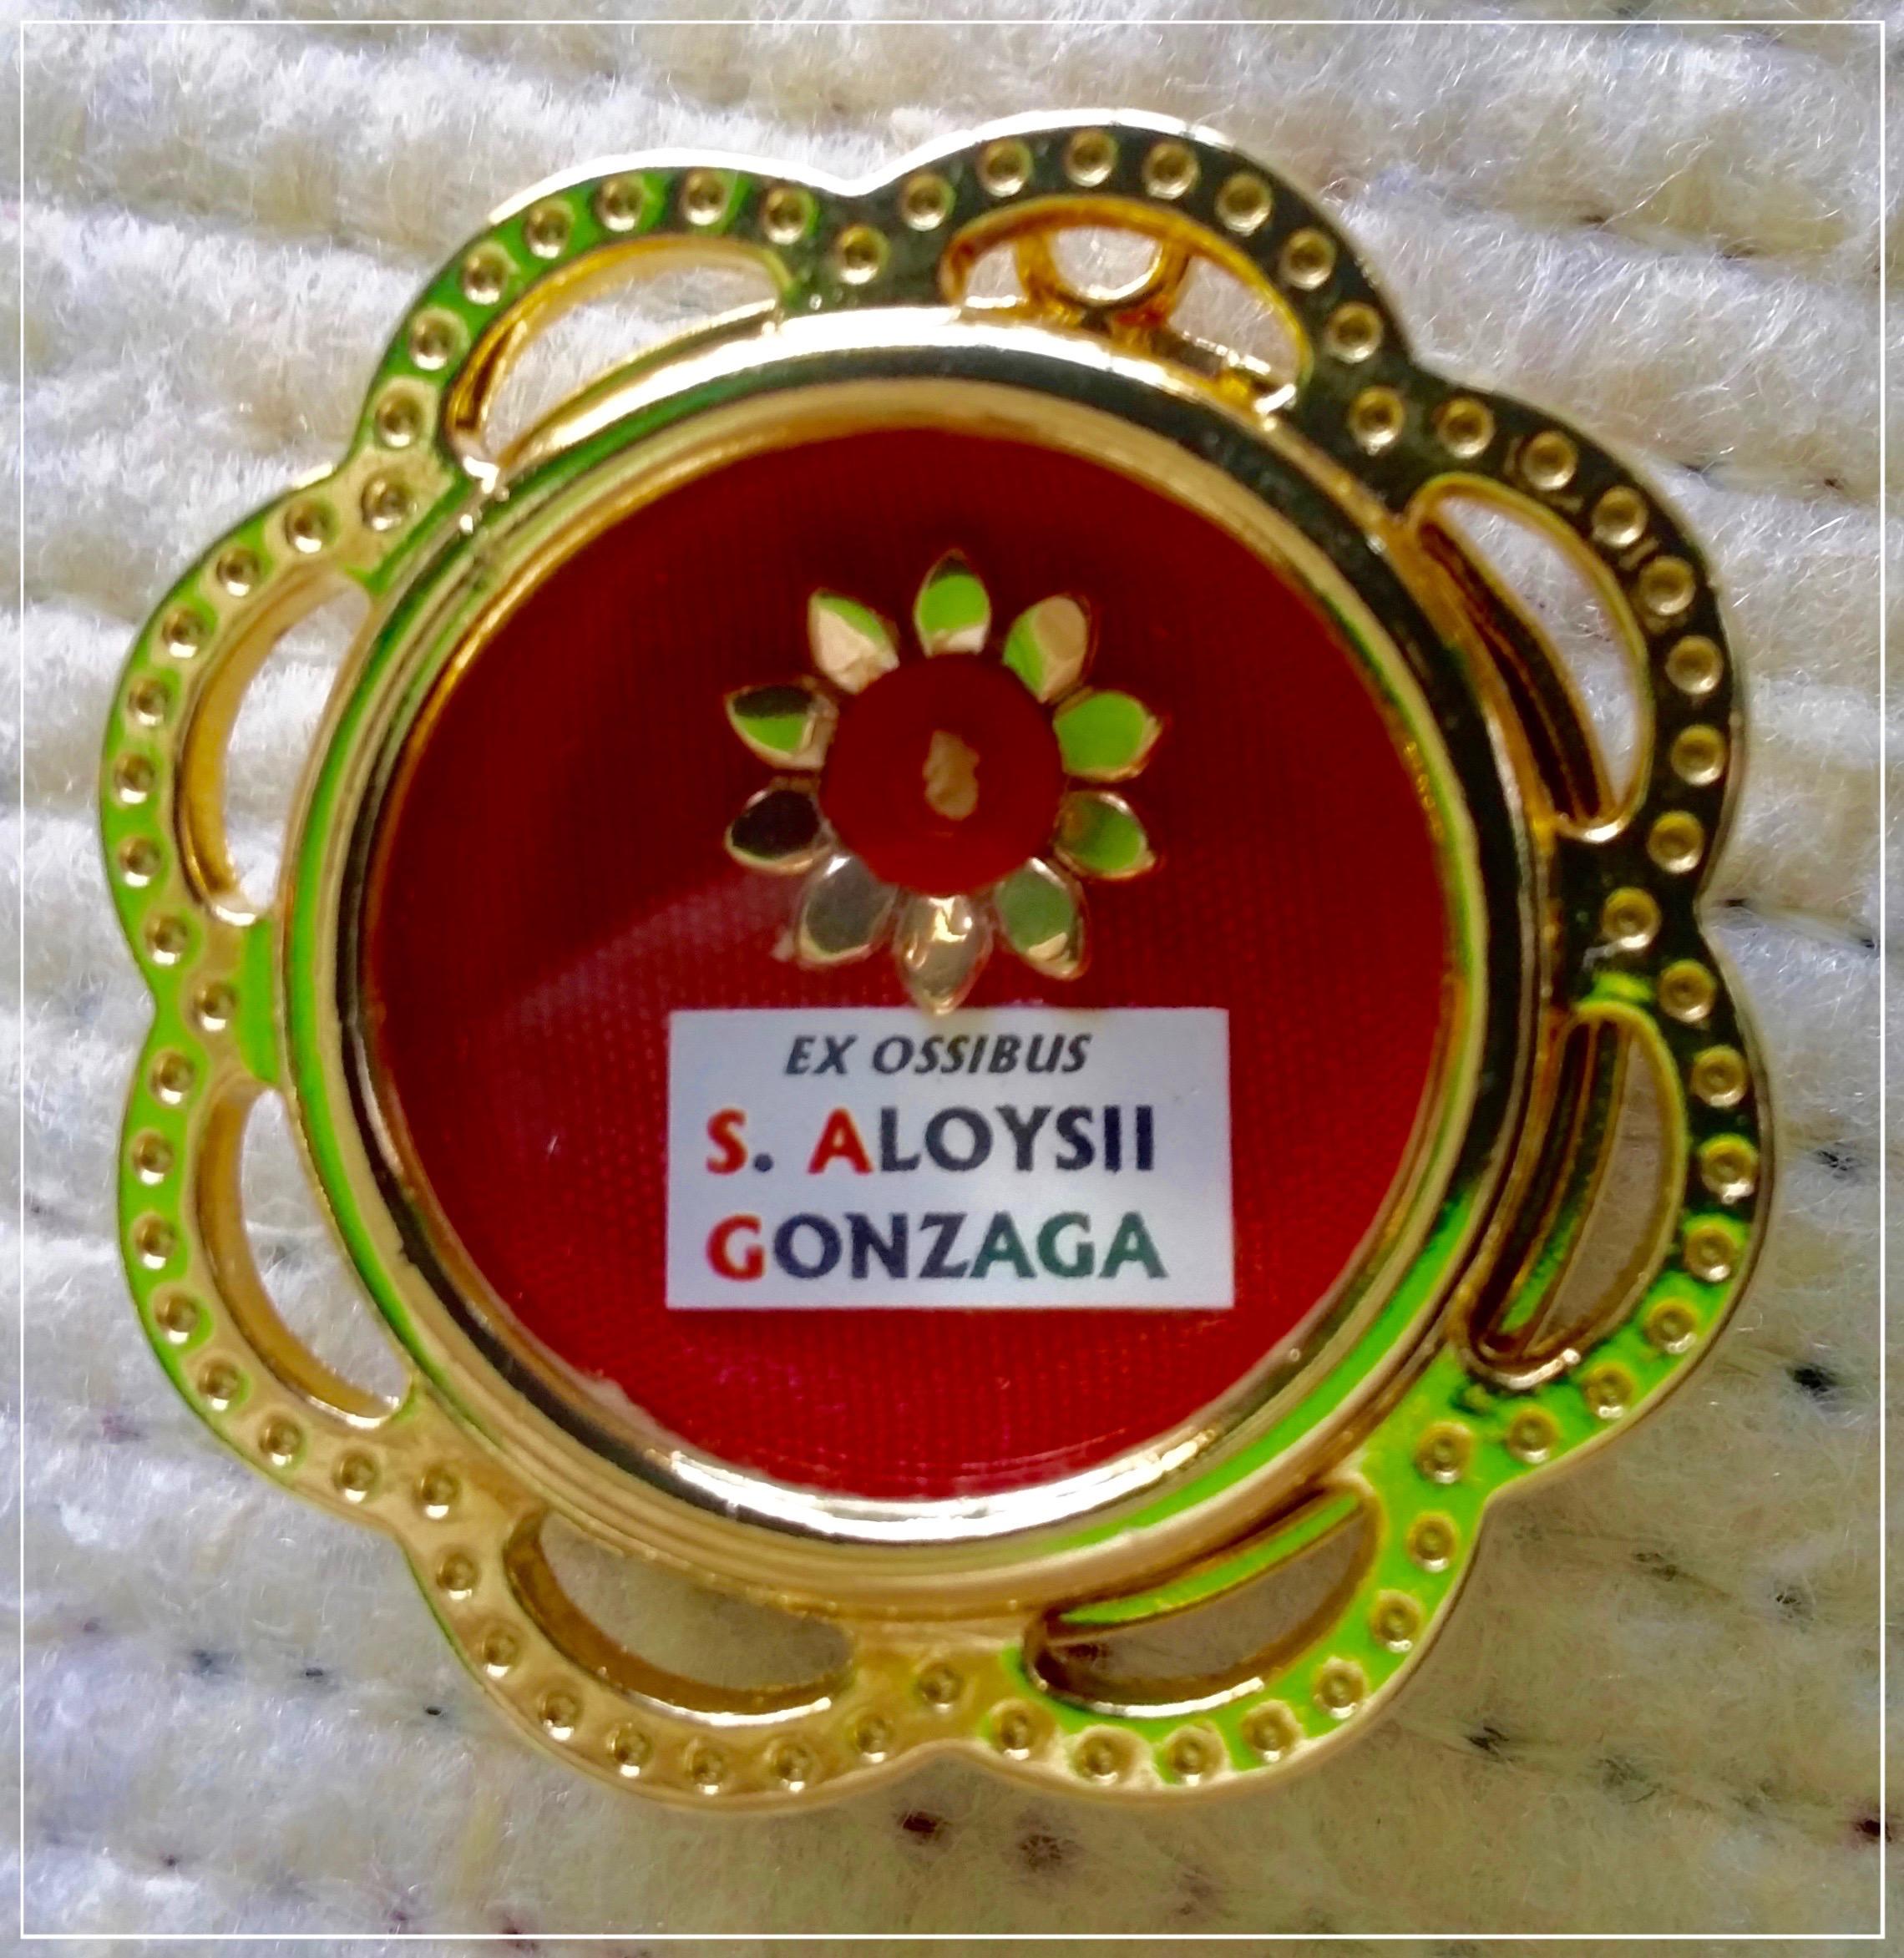 s.-aloysii-gonzaga-yepes-toledo-1